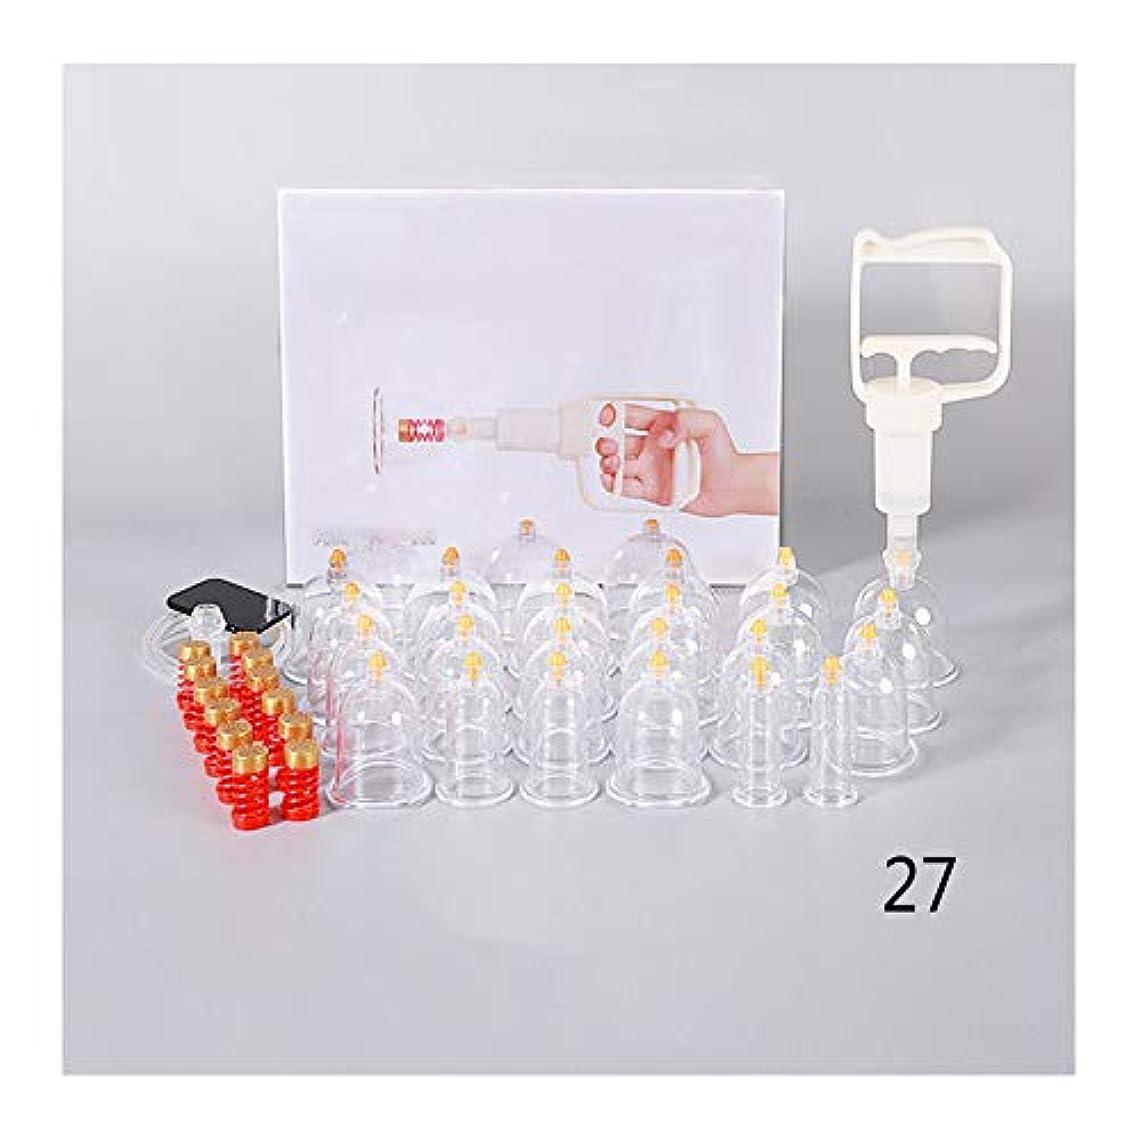 持ってるポークデコレーション27カップカッピングセットプラスチック、真空吸引中国のツボ療法、在宅医療、筋肉関節痛、肩背部膝痛の軽減に最適